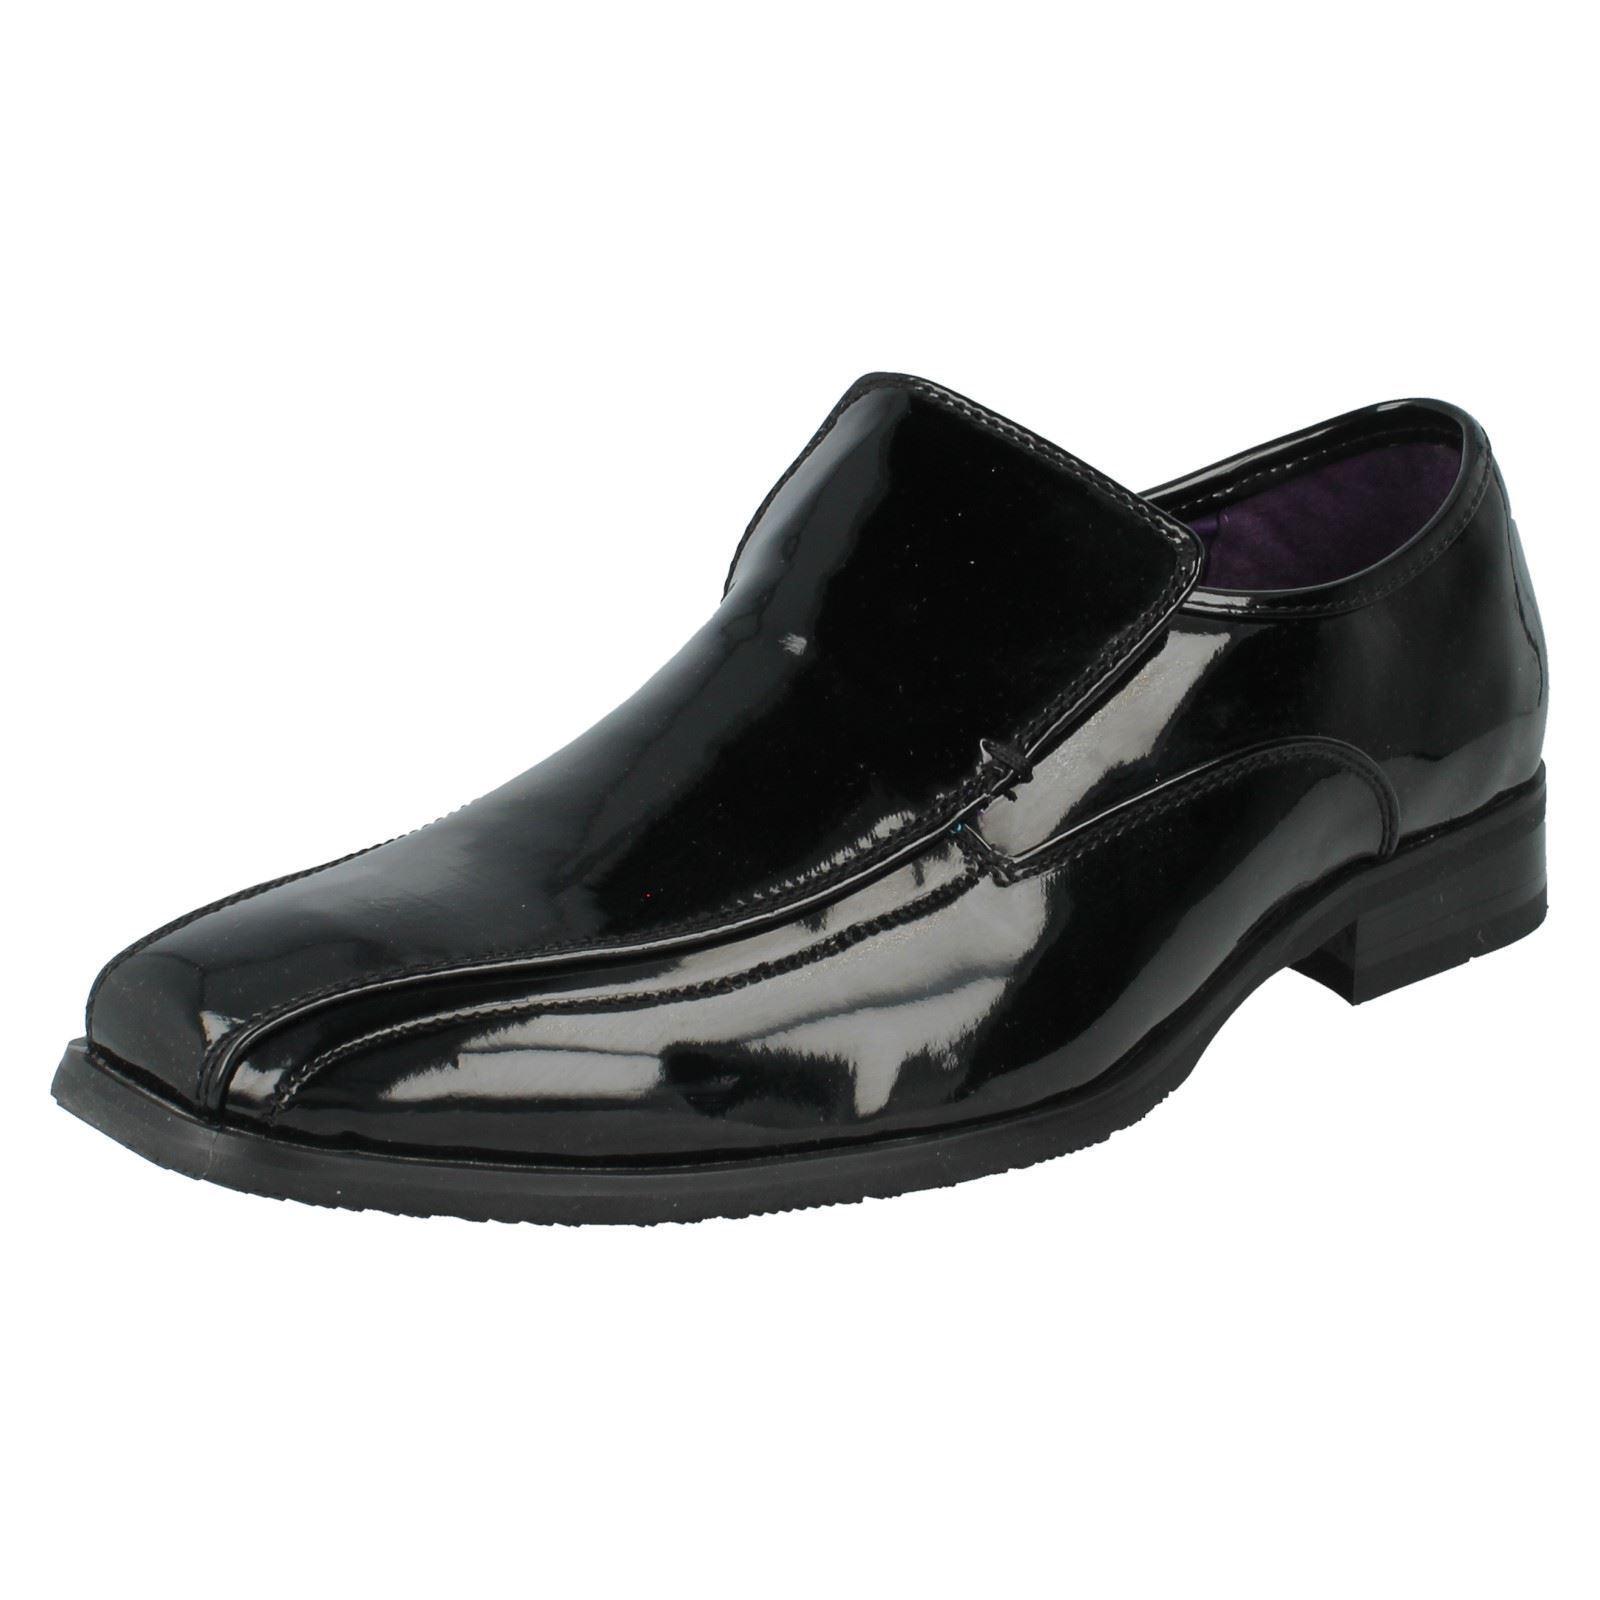 Maverick A1094 Hommes Noir Verni Lacet Smart Casual Chaussure (R26B) (Kett)